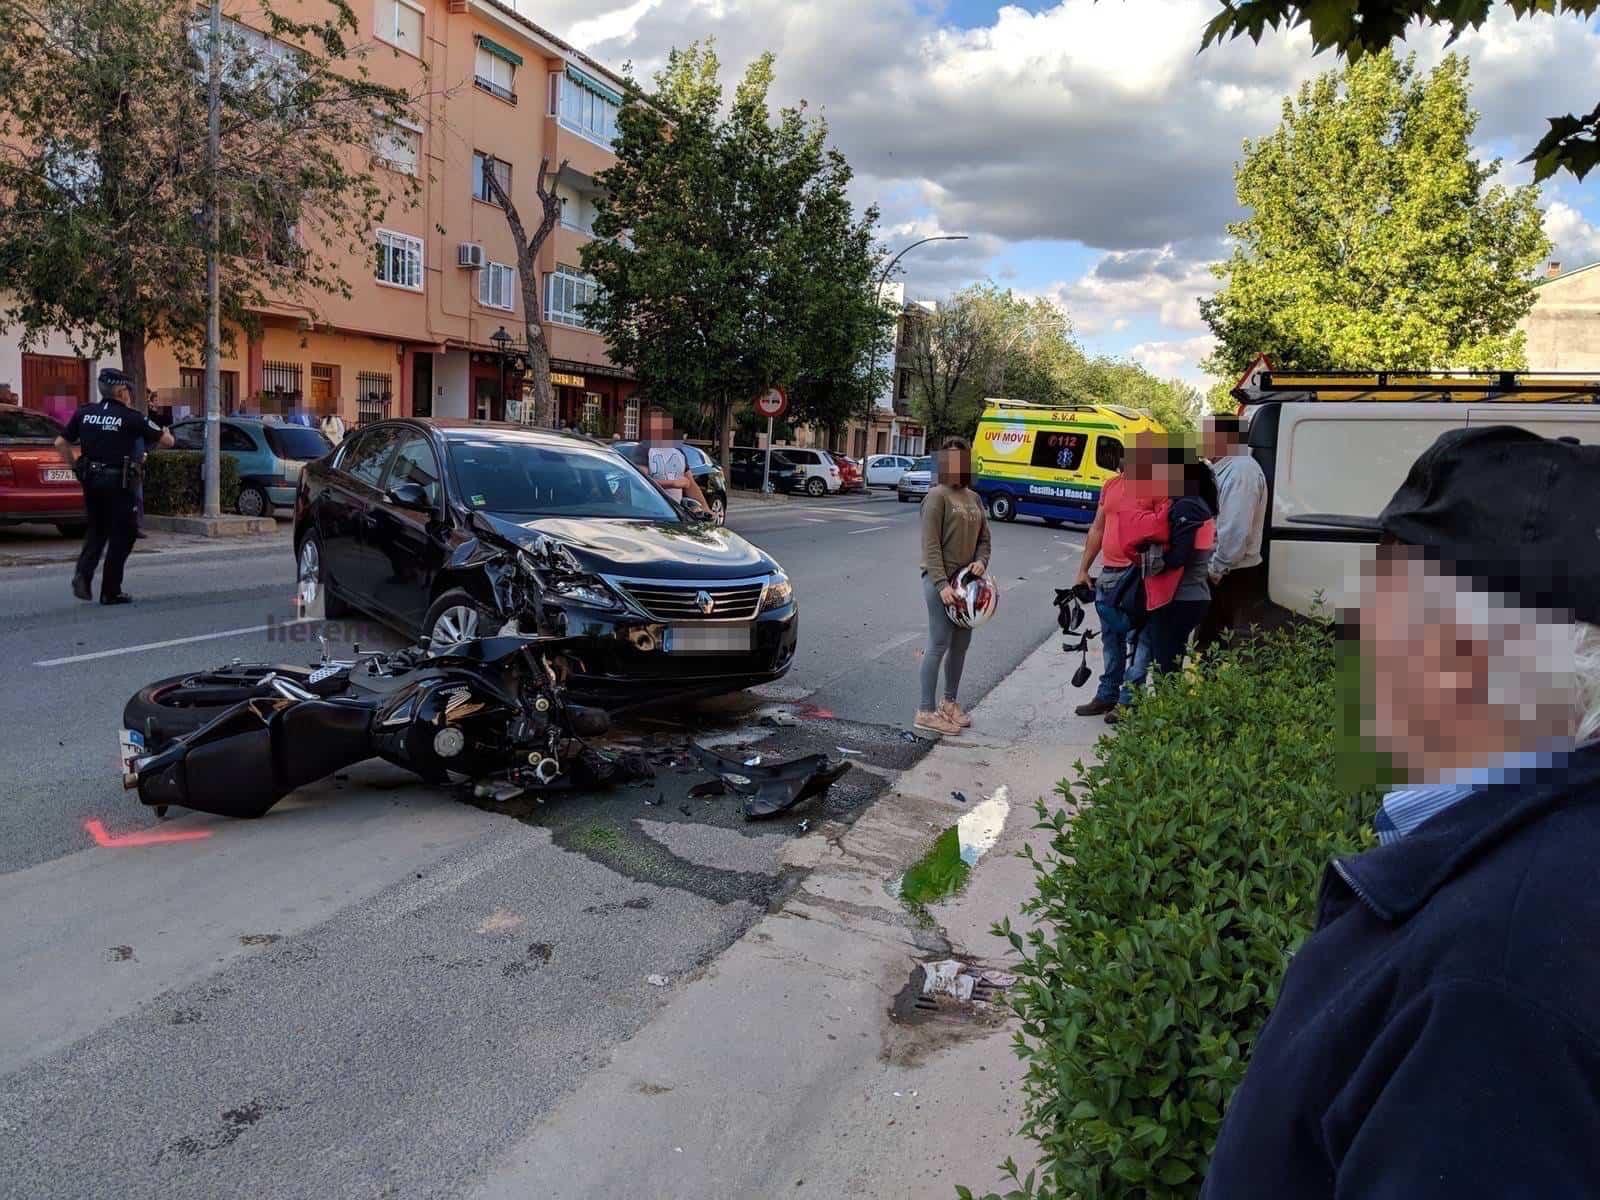 accidente herencia turismo motocicleta avenida alcazar - Accidente entre un turismo y una moto en la Avenida de Alcázar de Herencia